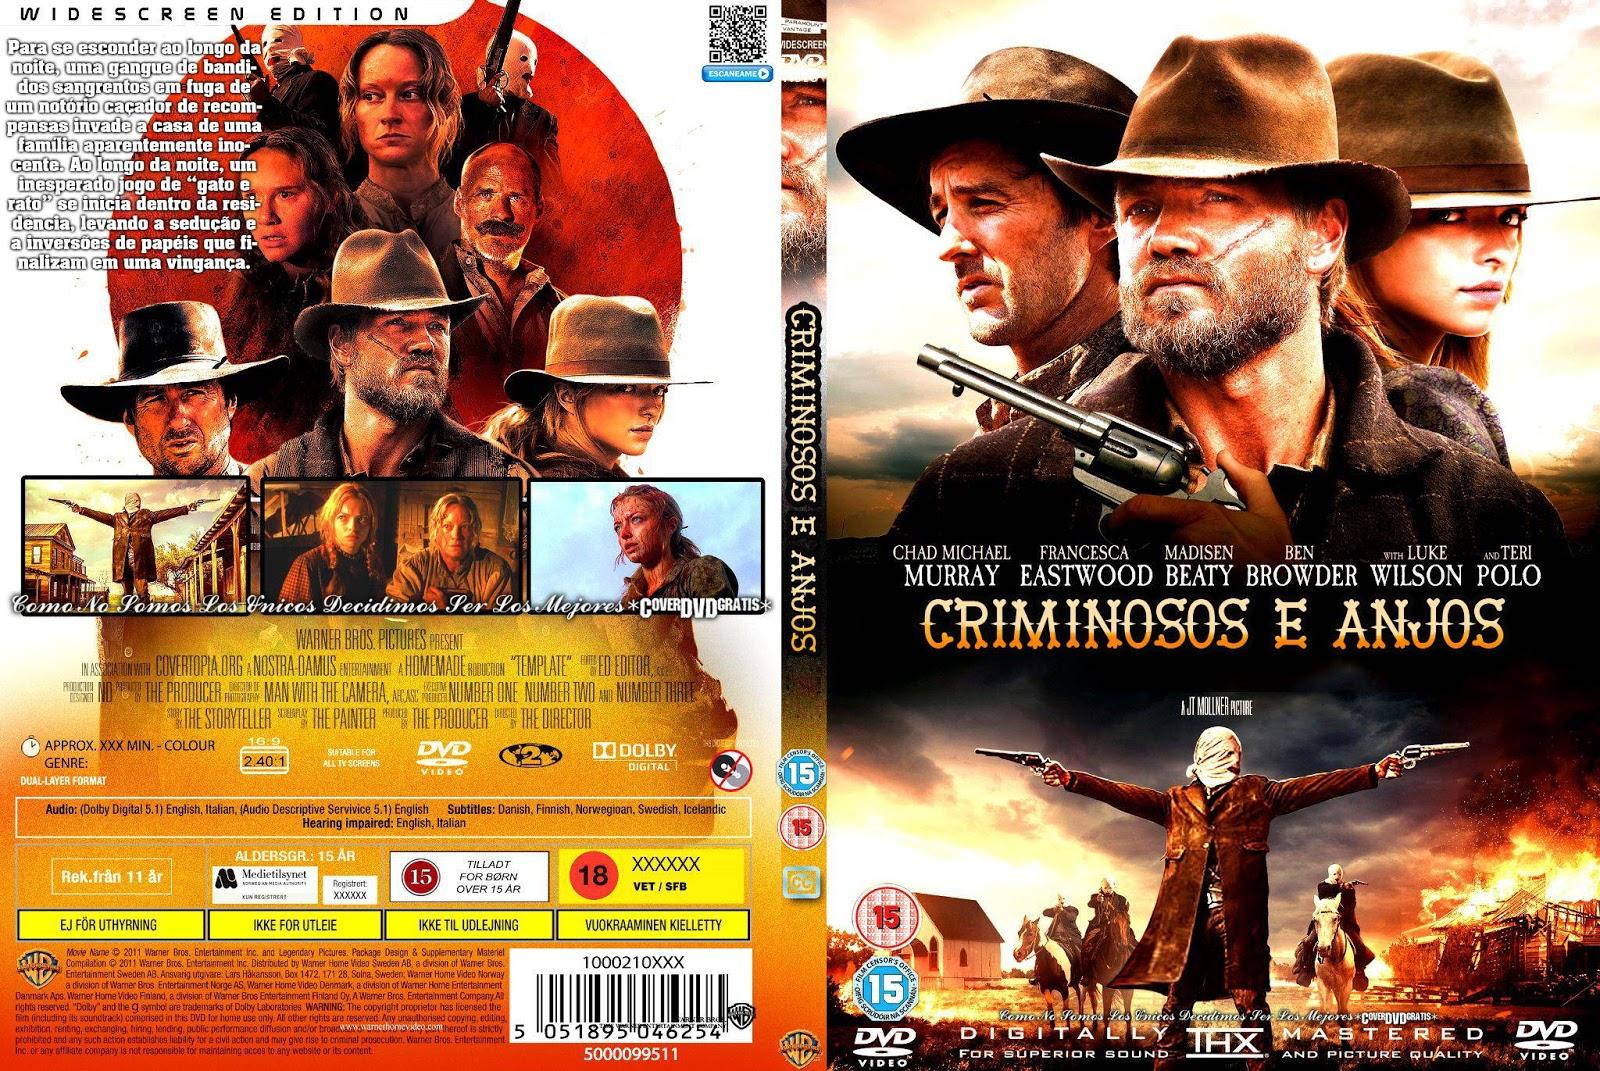 Download Criminosos e Anjos DVD-R Download Criminosos e Anjos DVD-R Criminosos 2Be 2BAnjos 2B 2528CAPA 2529